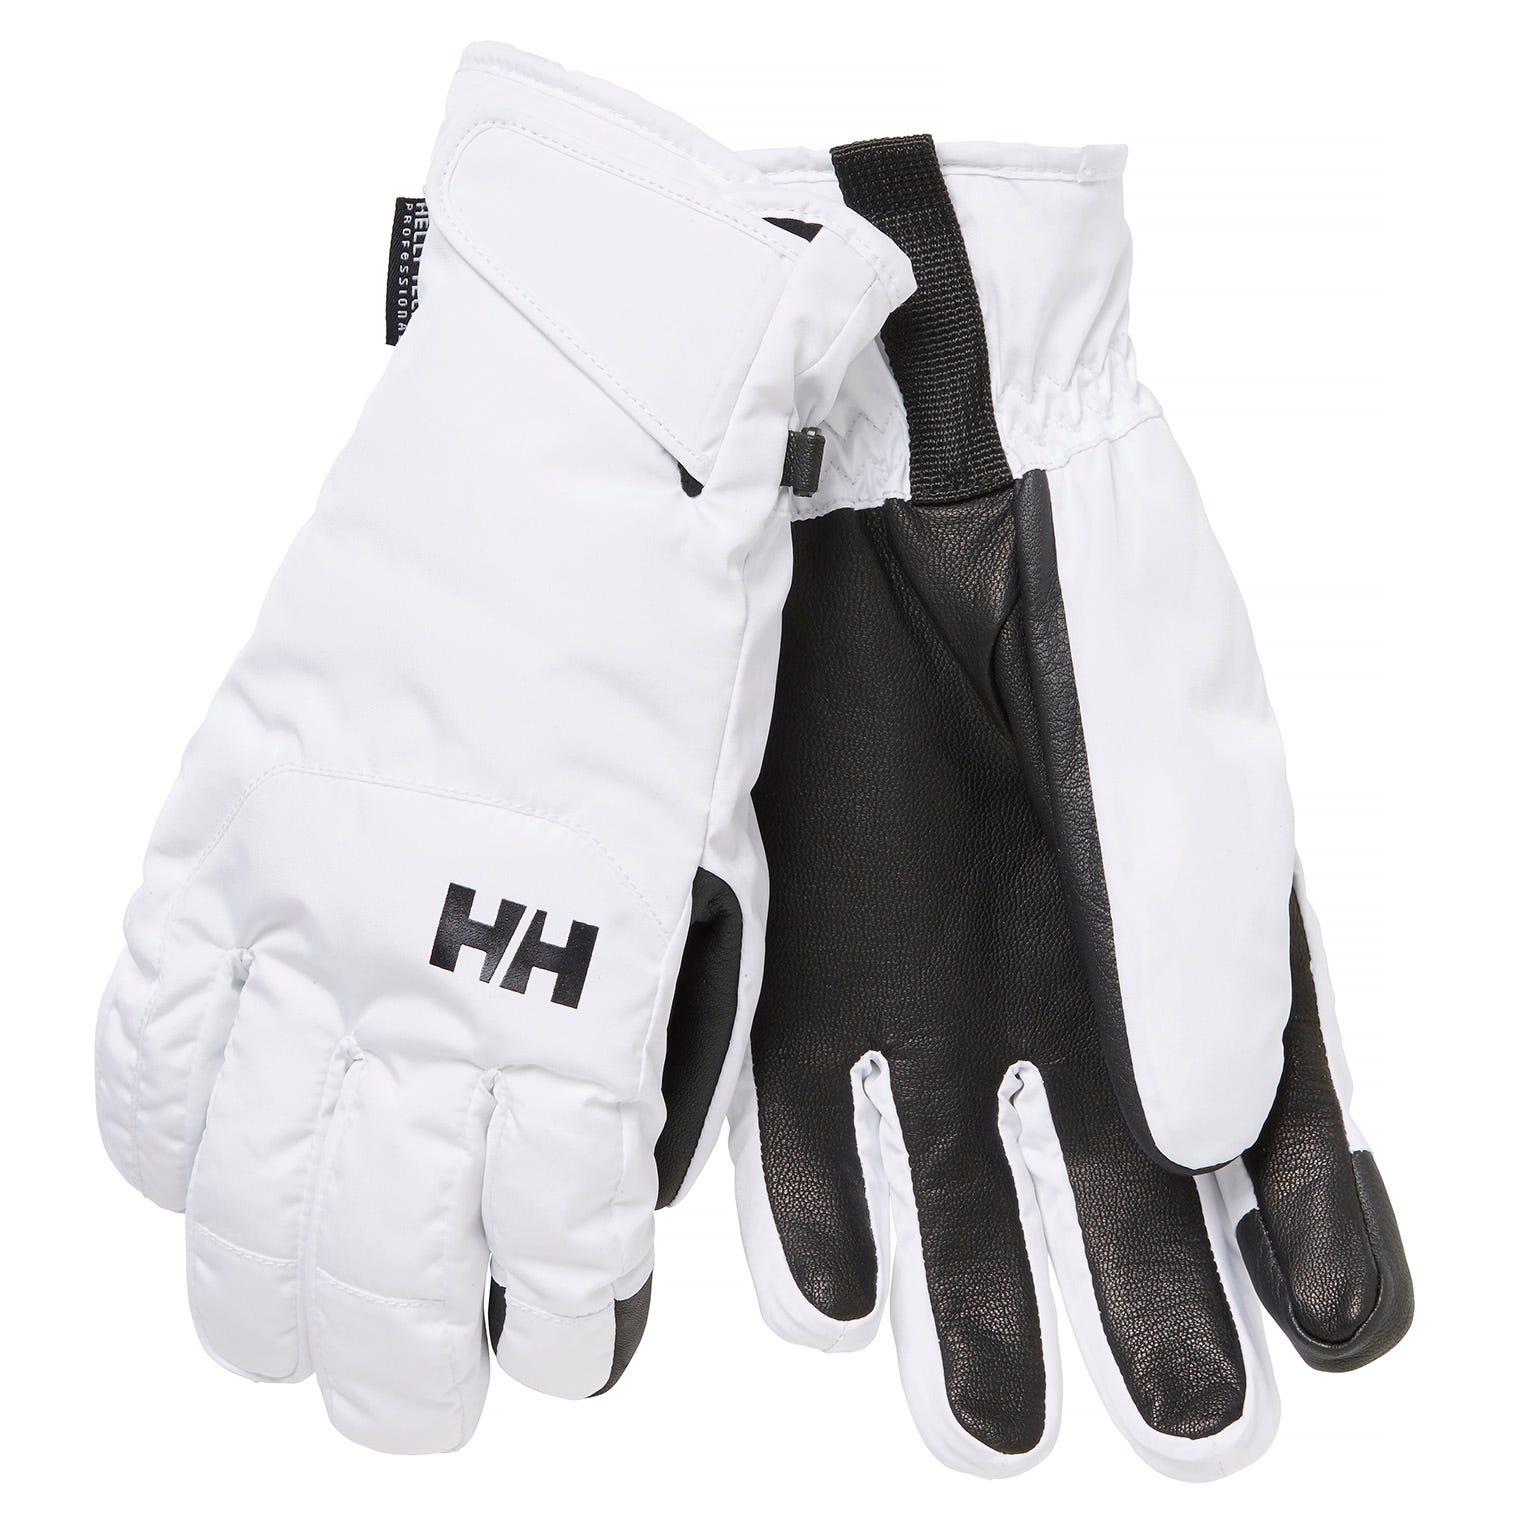 Helly Hansen Swift Ht Glove Mens White XL